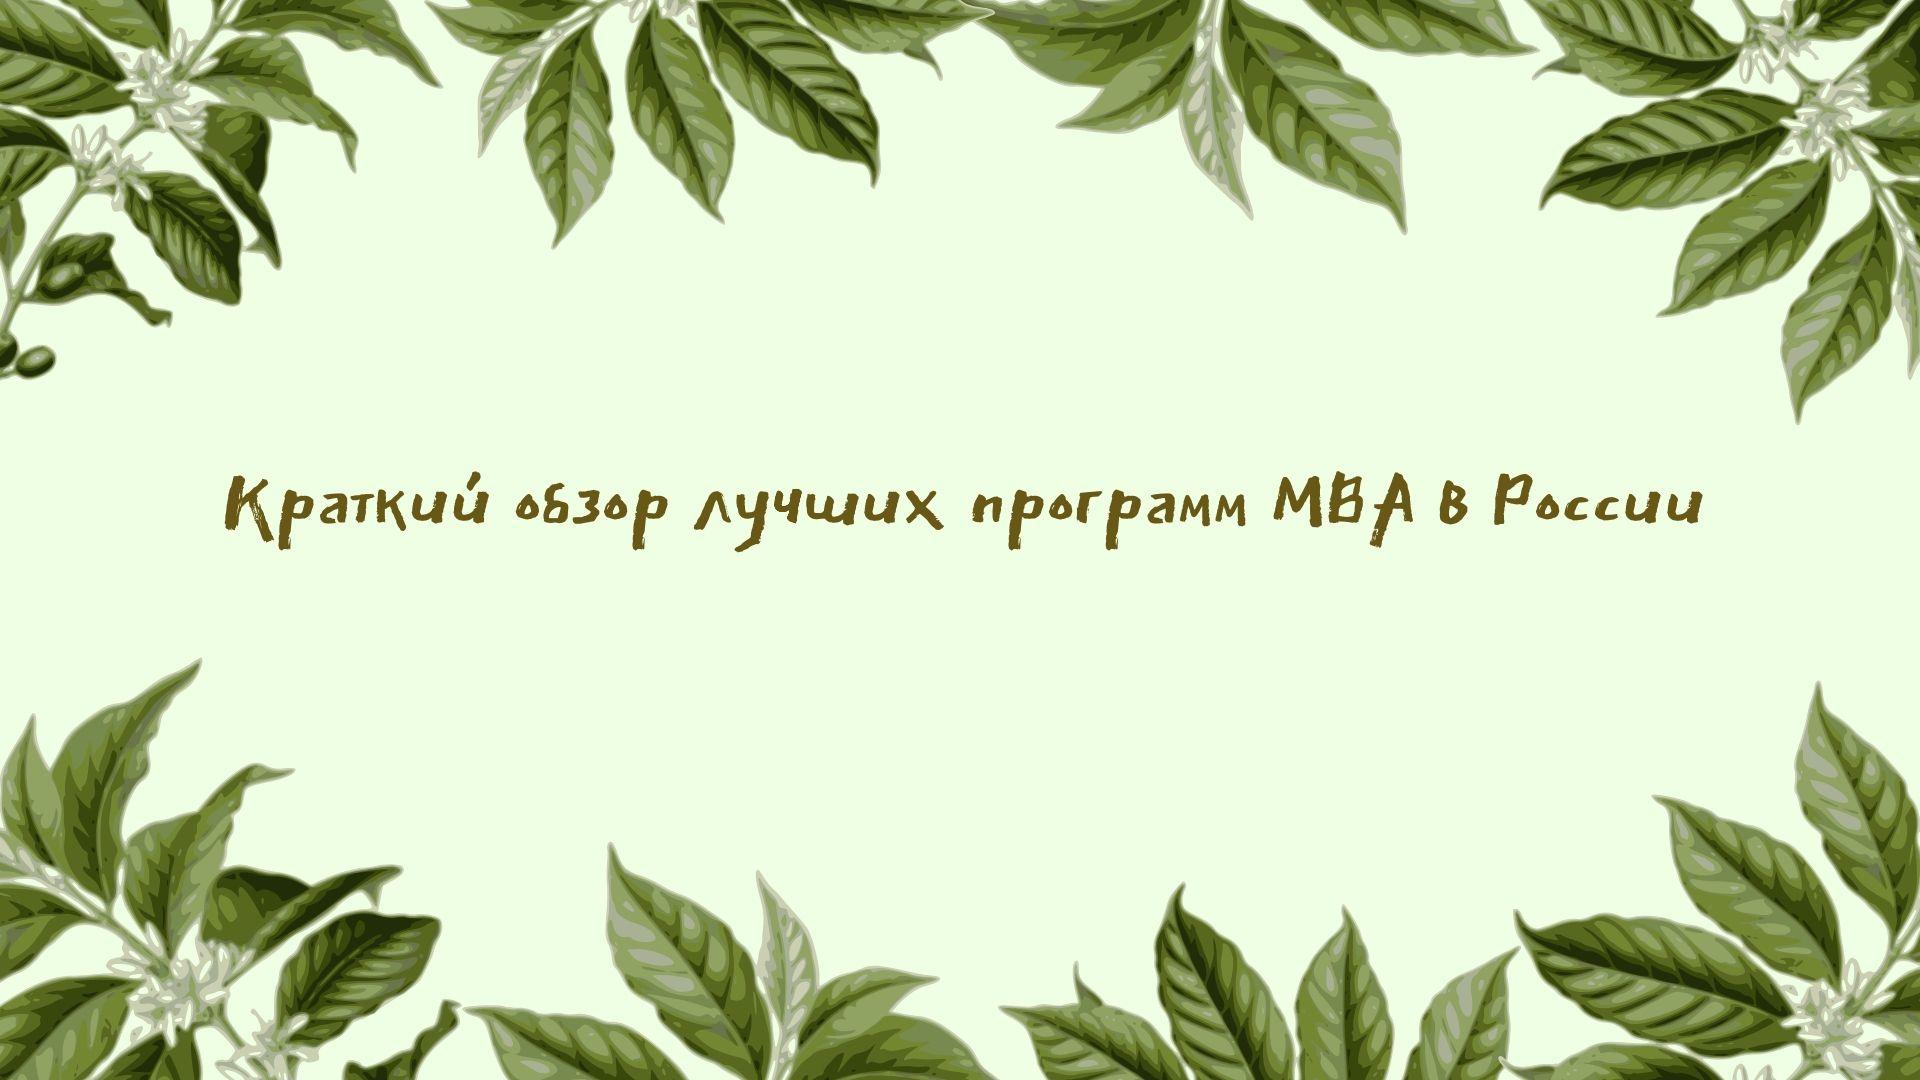 Краткий обзор лучших программ МВА в России